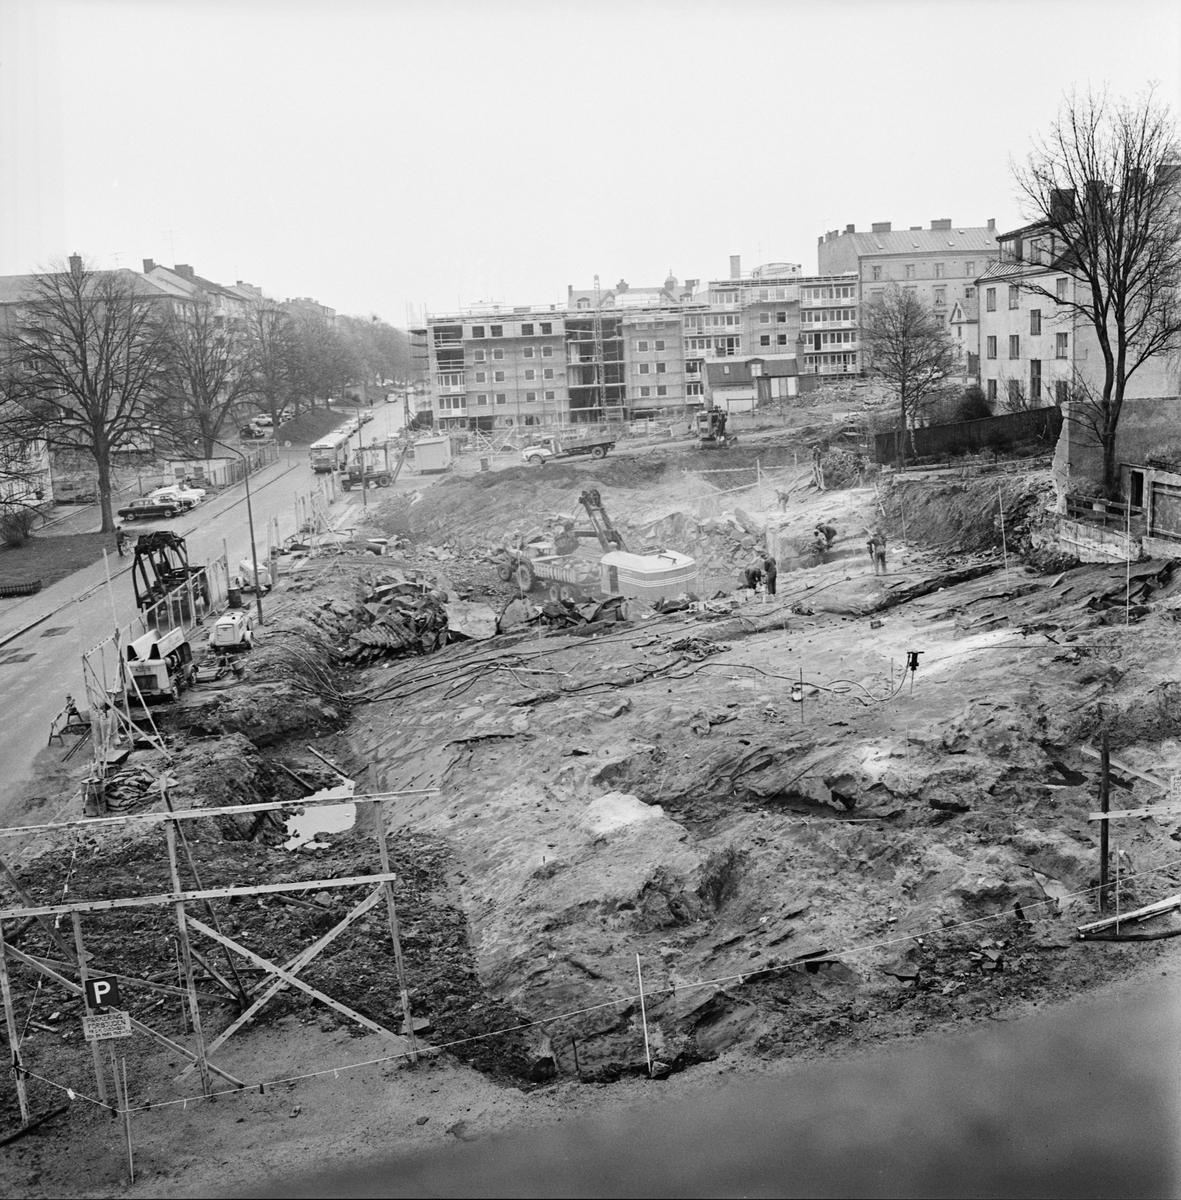 Övrigt: Foto datum: 14/5 1965 Byggnader och kranar Kvarteret Pollux